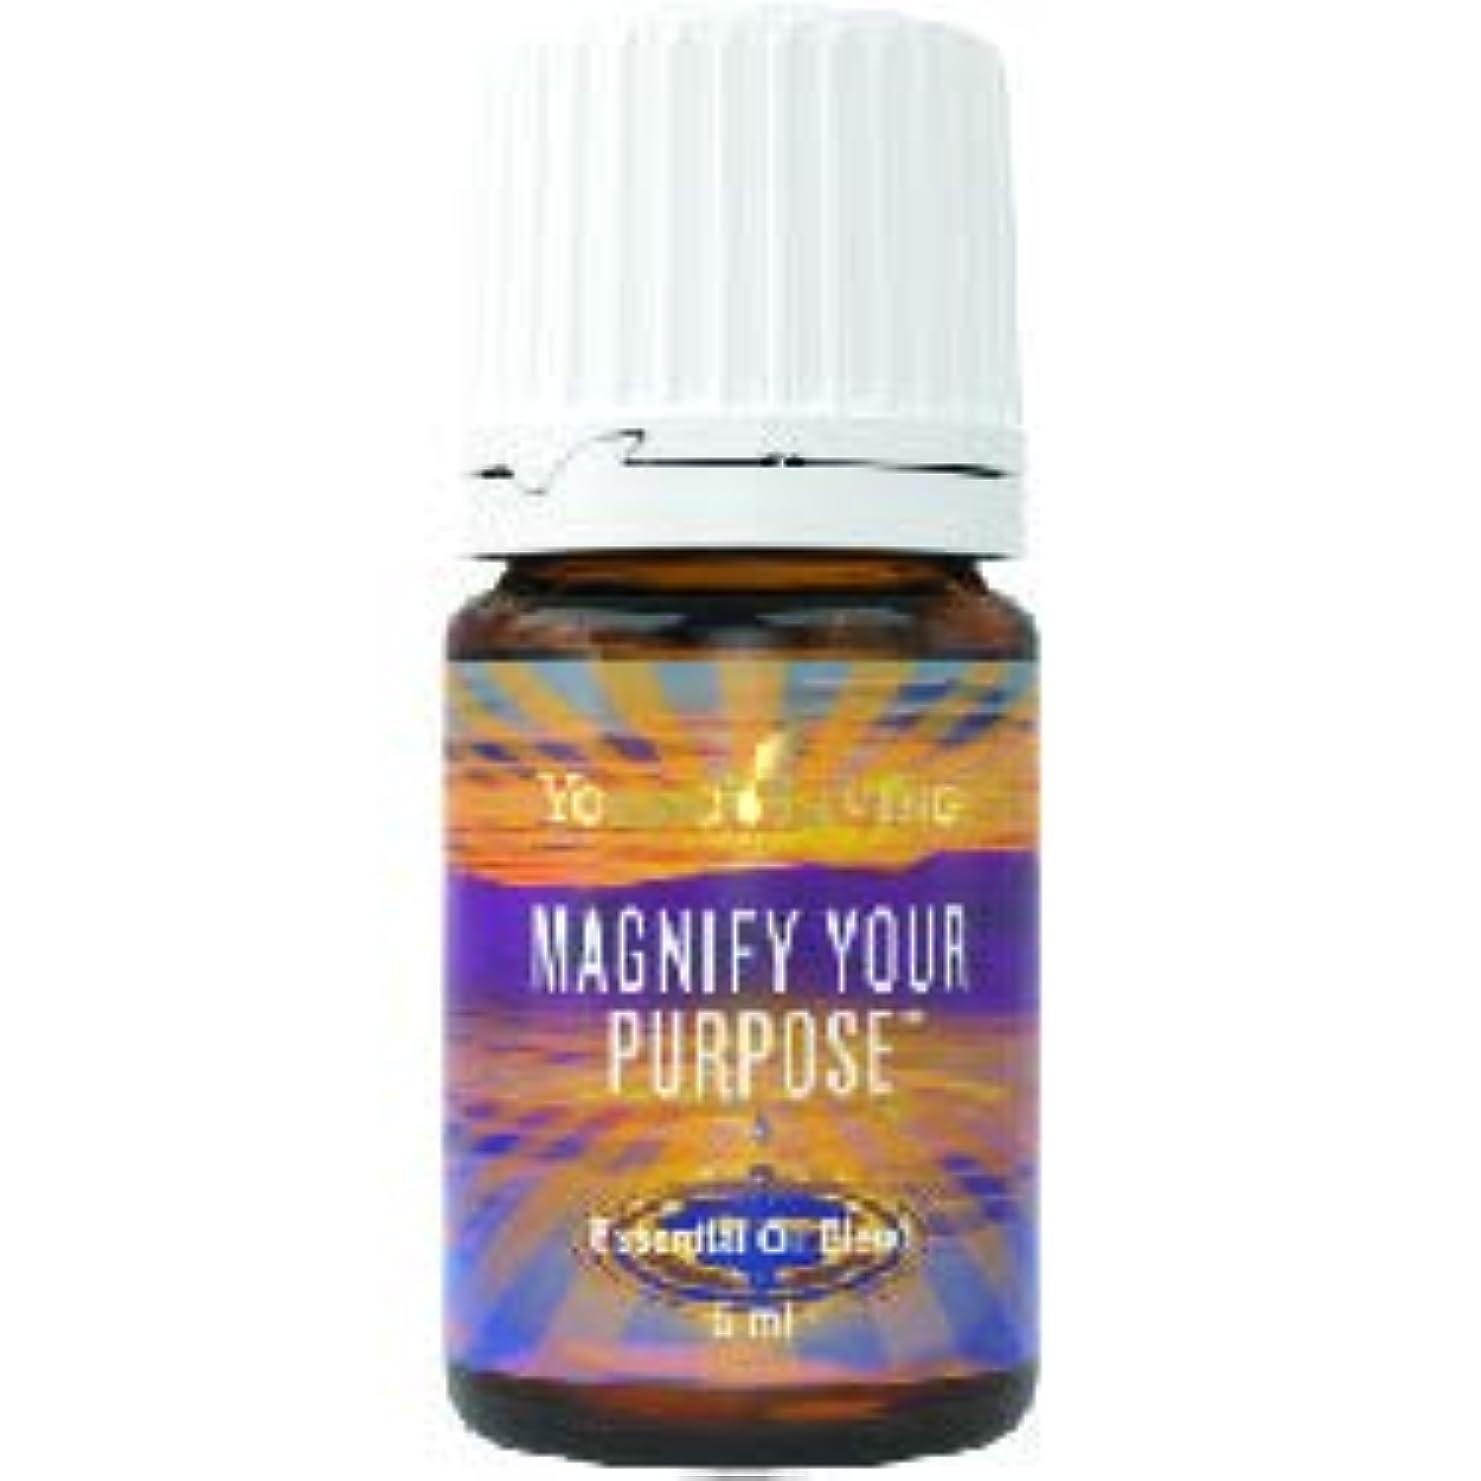 達成するファランクスデクリメント目的を拡大するエッセンシャルオイル ヤングリビングエッセンシャルオイルマレーシア5ml Magnify Your Purpose Essential Oil 5ml by Young Living Essential Oil...